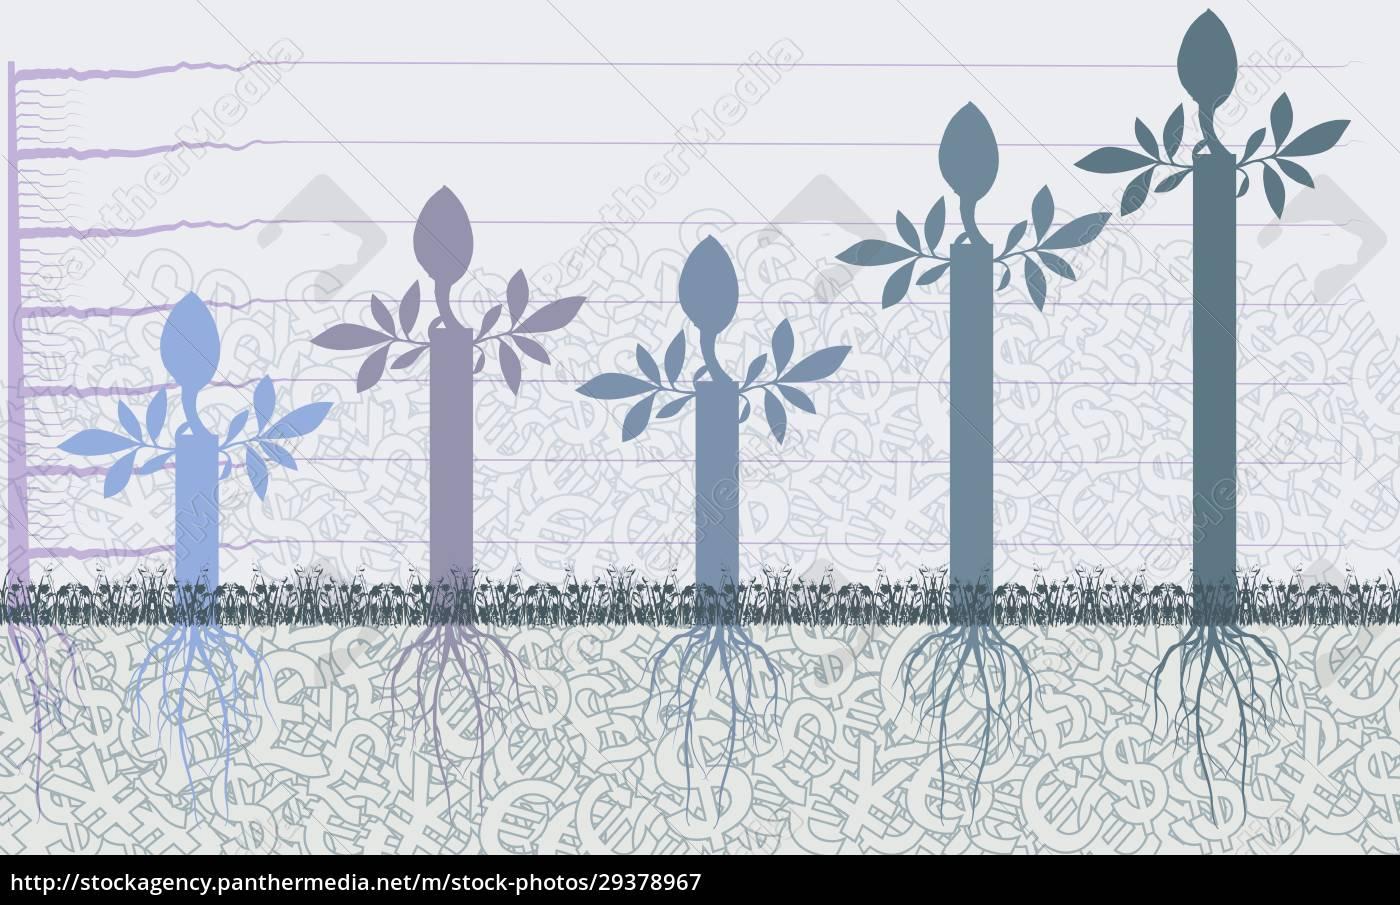 wurzeln, von, pflanzen - 29378967